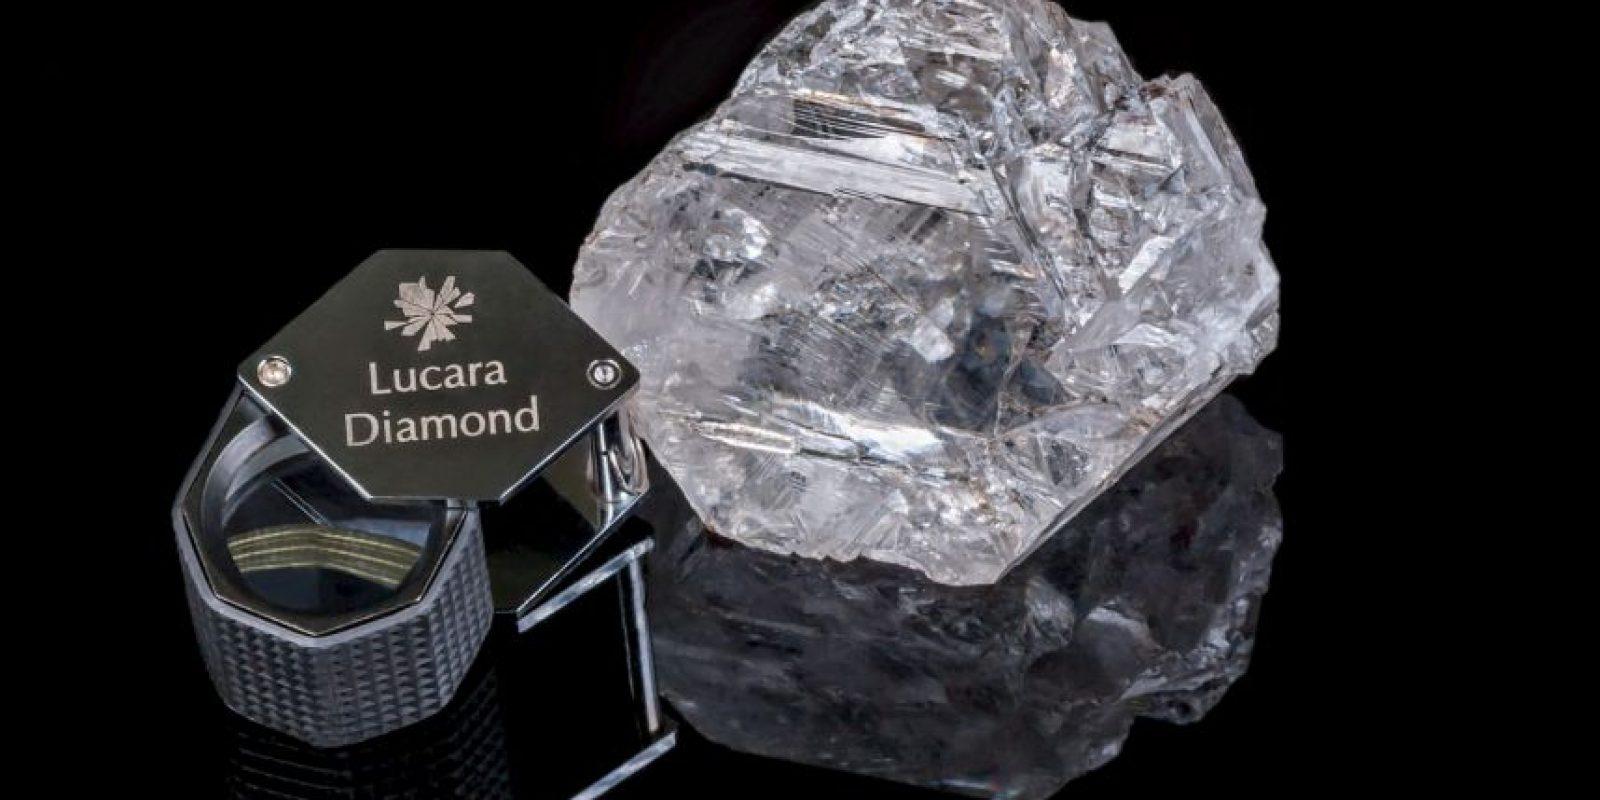 Pasaron más de 100 años para que se encontrara un diamante de este tamaño. Foto:Vía lucaradiamond.com